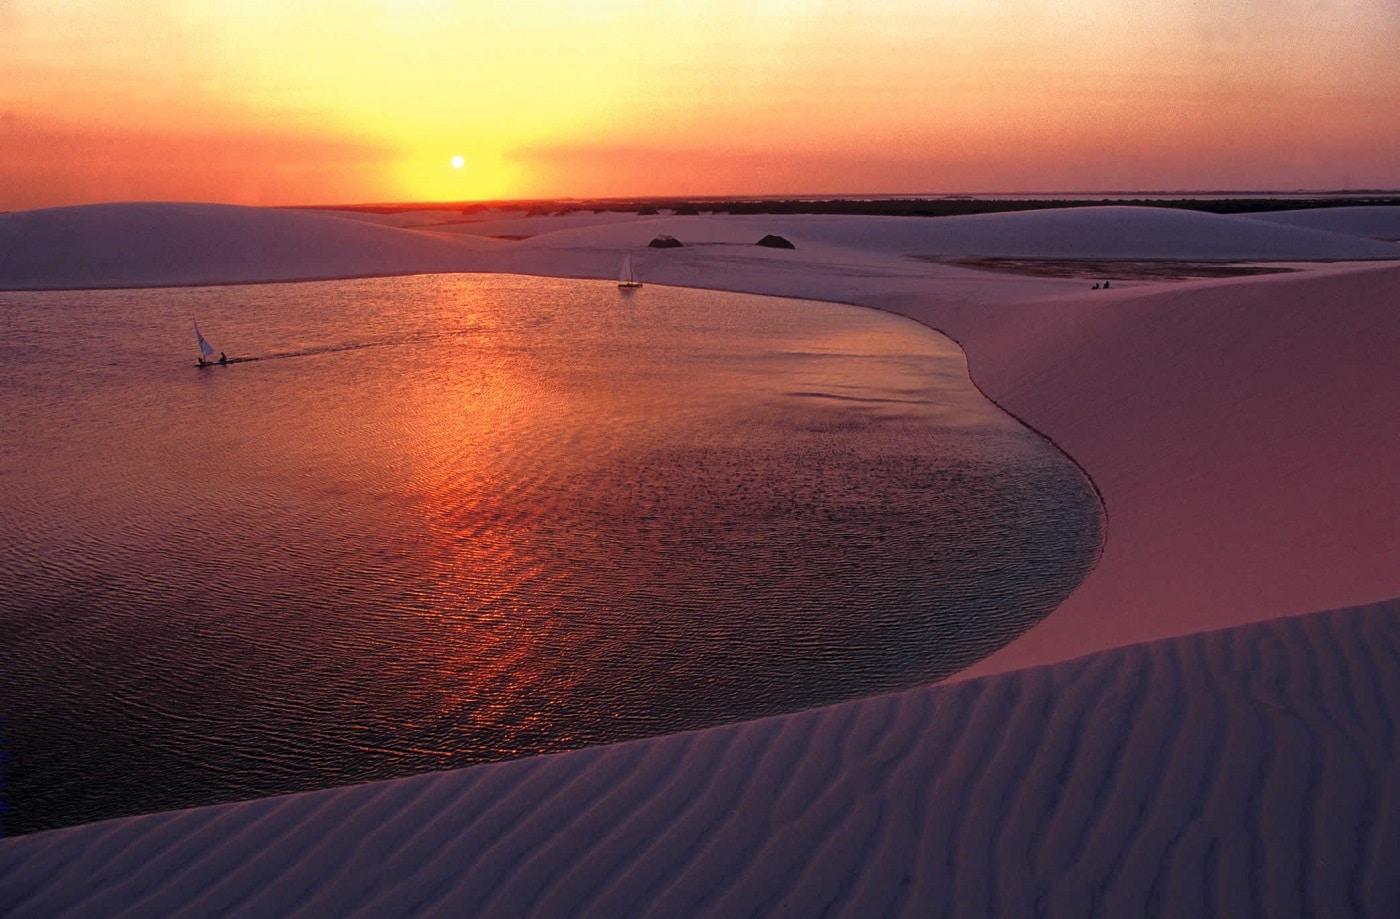 Apusul pune dunele de nisip într-o altă lumină